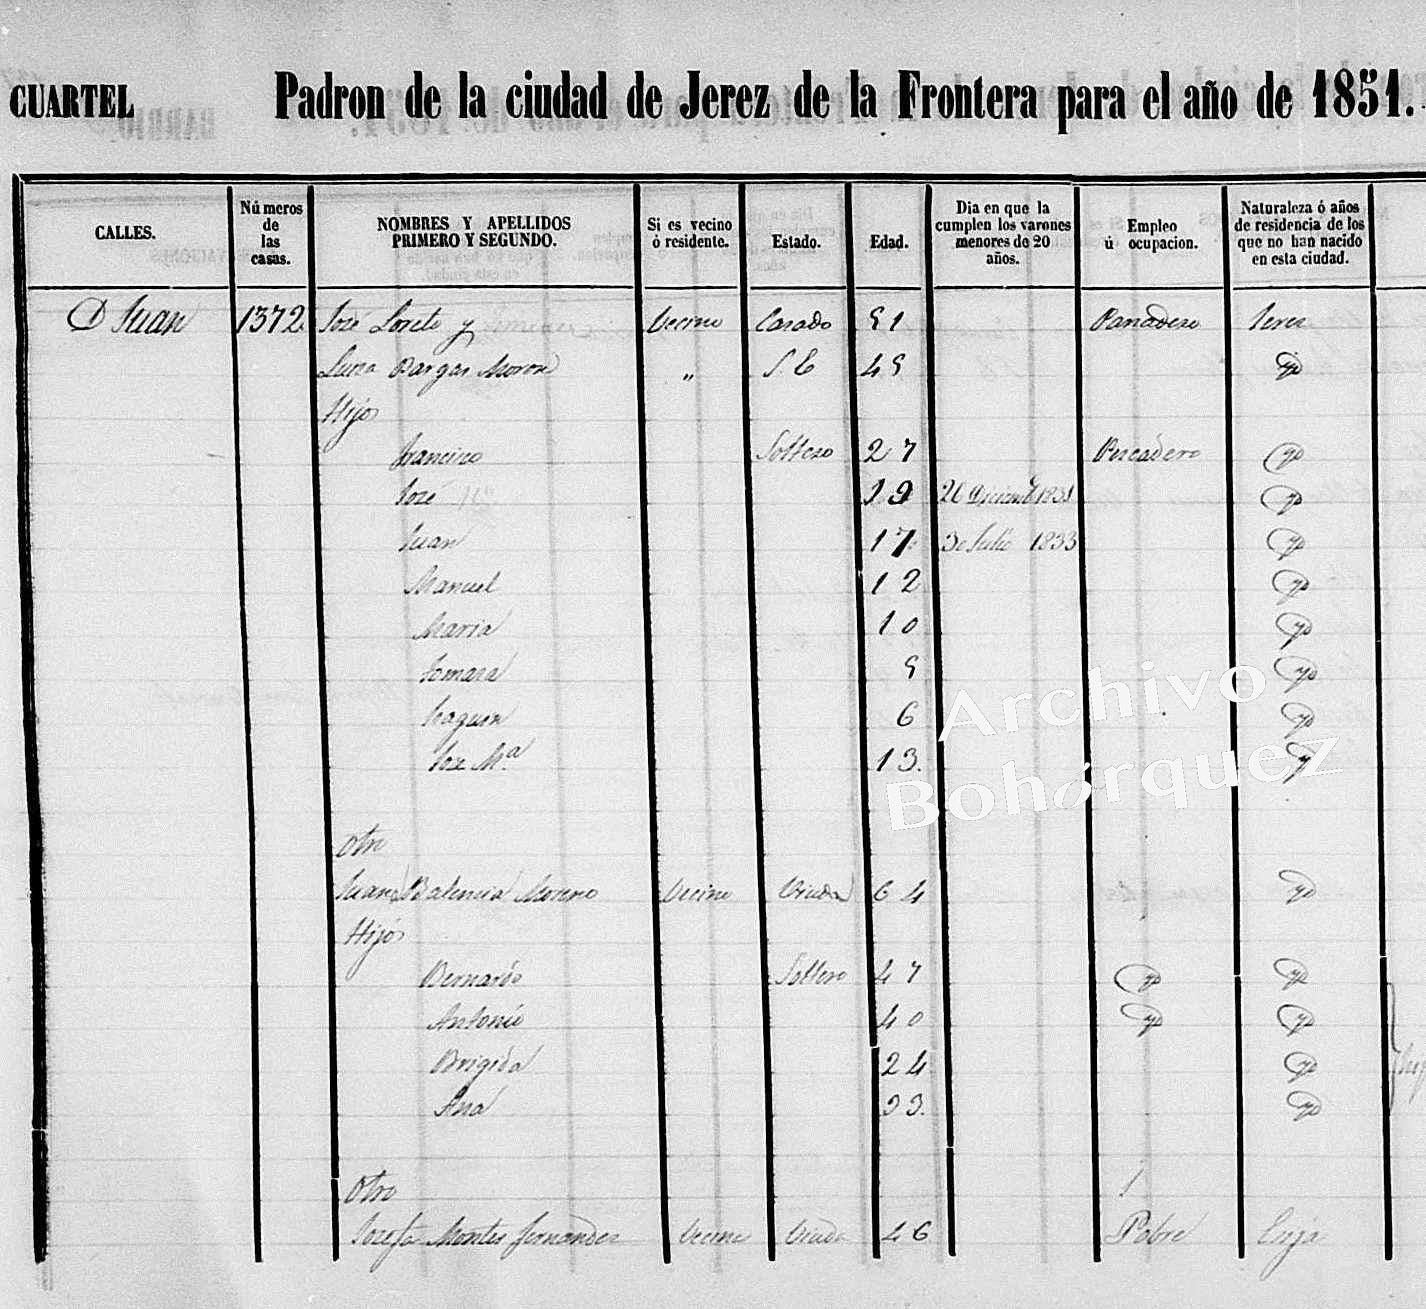 El cantaor Joaquín La Cherna junto a sus padres y hermanos en el padrón general de vecinos de Jerez, de 1851, cuando tenía 7 u 8 años. Archivo Bohórquez.